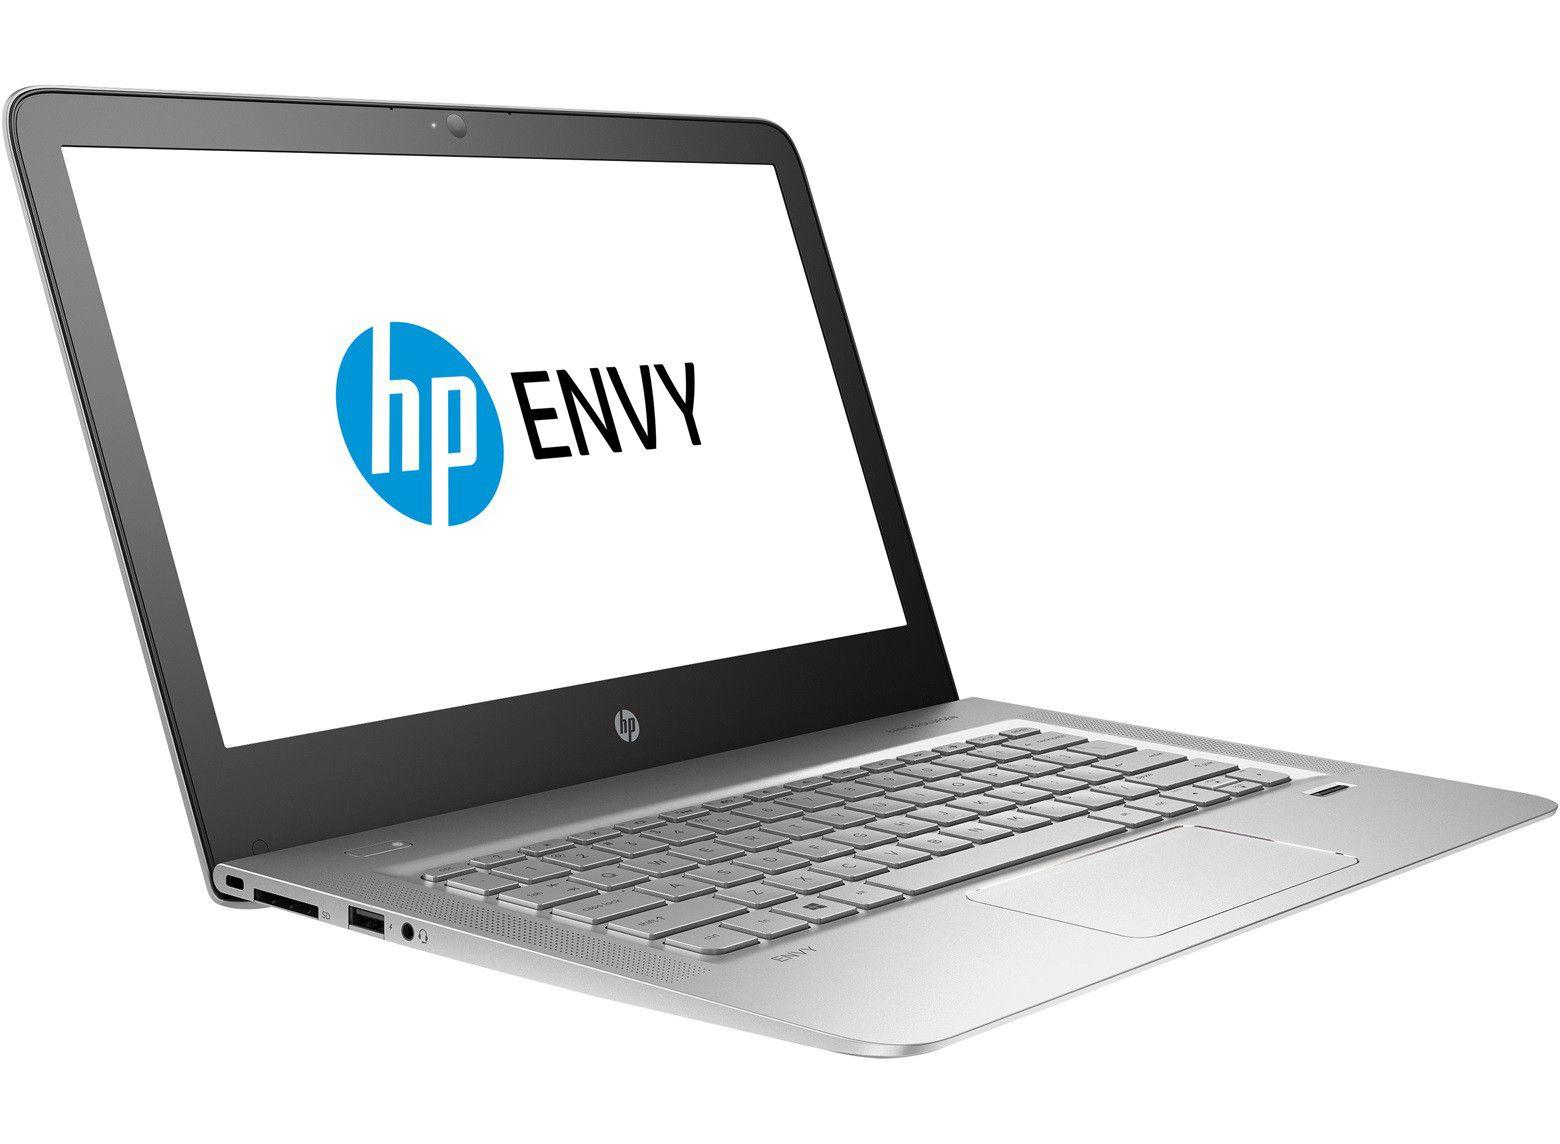 ordinateur portable hp envy